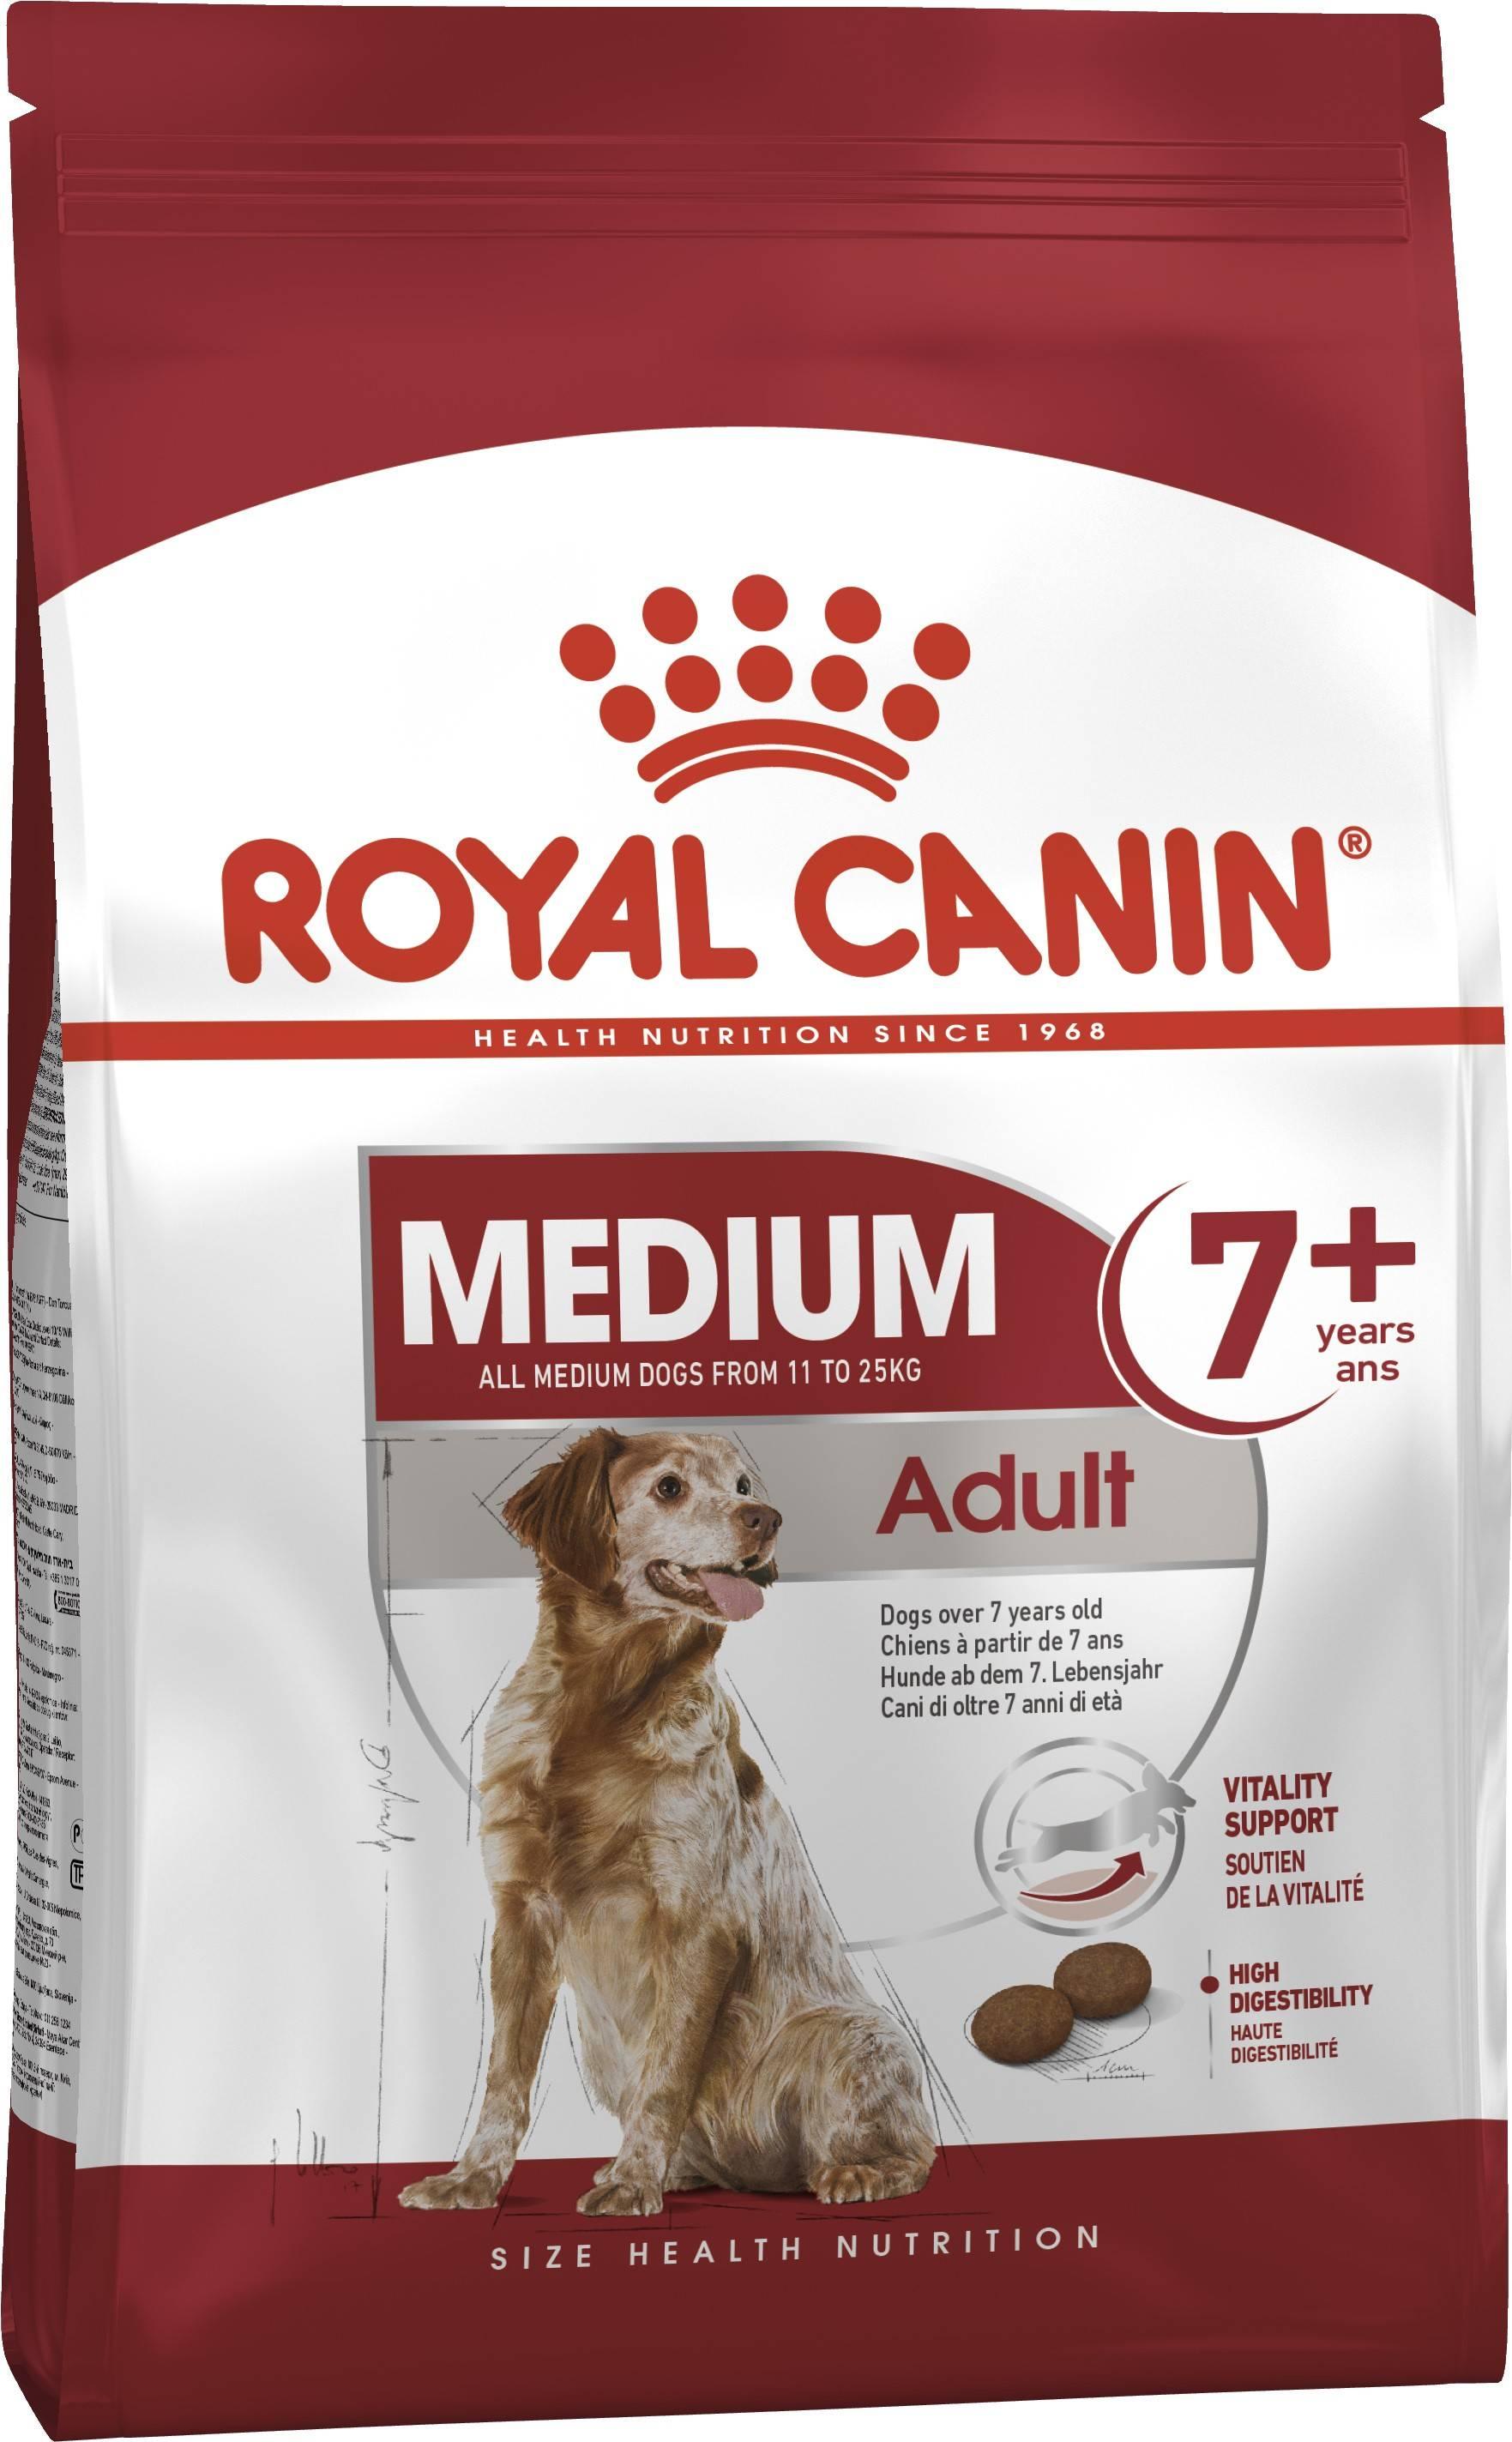 ROYAL CANIN MEDIUM ADULT 7+ – сухой корм для собак средних пород старше 7 лет